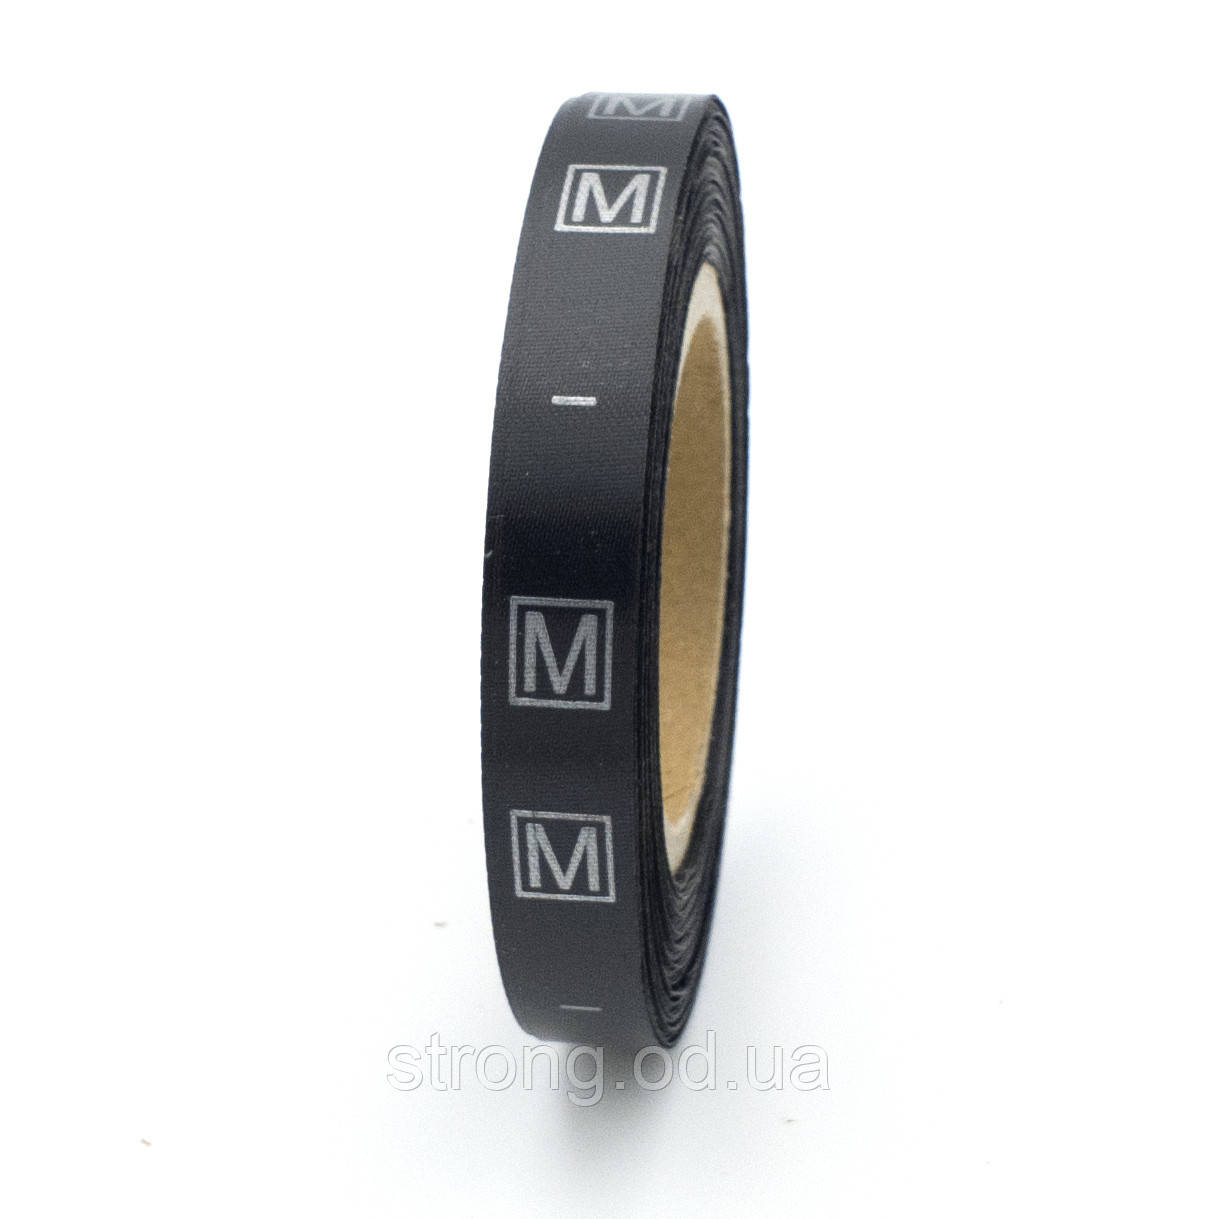 Размерник пришивной M 600шт. чорний